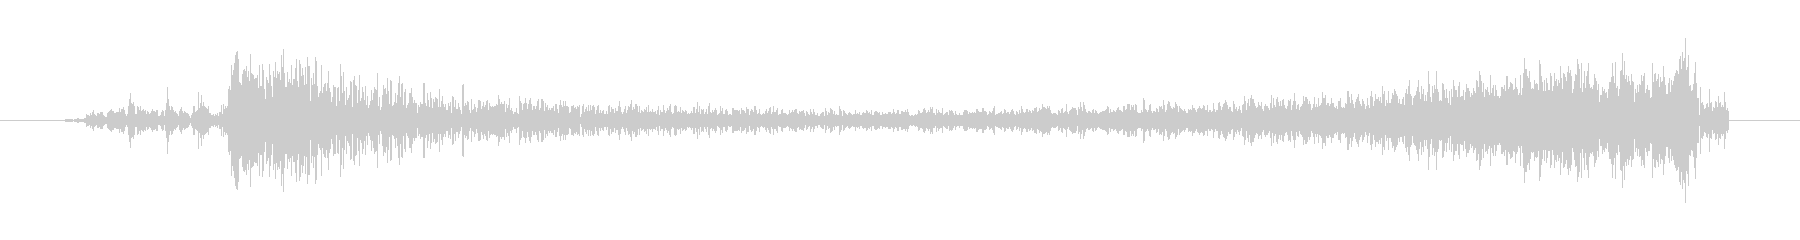 ウィーーン(発進音、短い)の未再生の波形